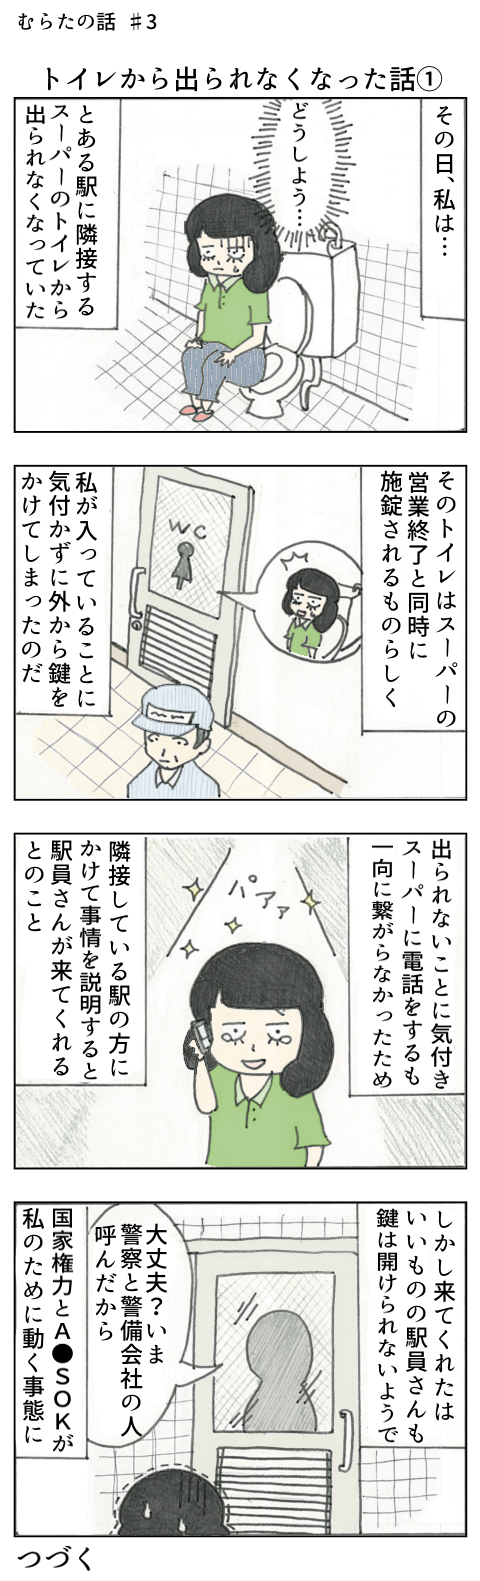 【むらたの話 #3】トイレから出られなくなった話①